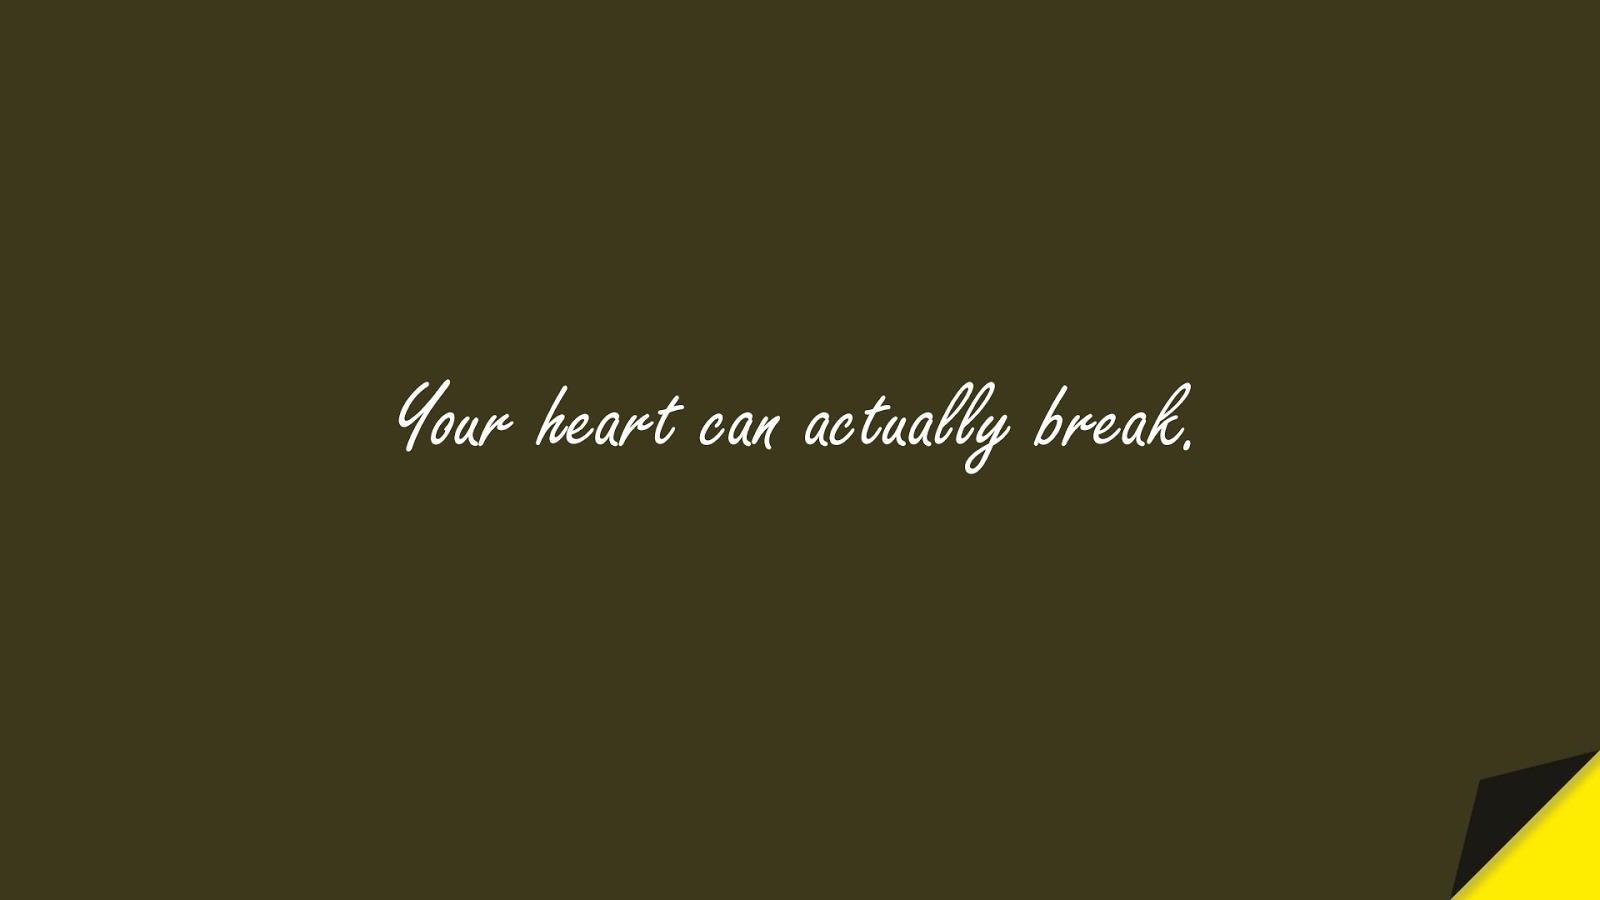 Your heart can actually break.FALSE